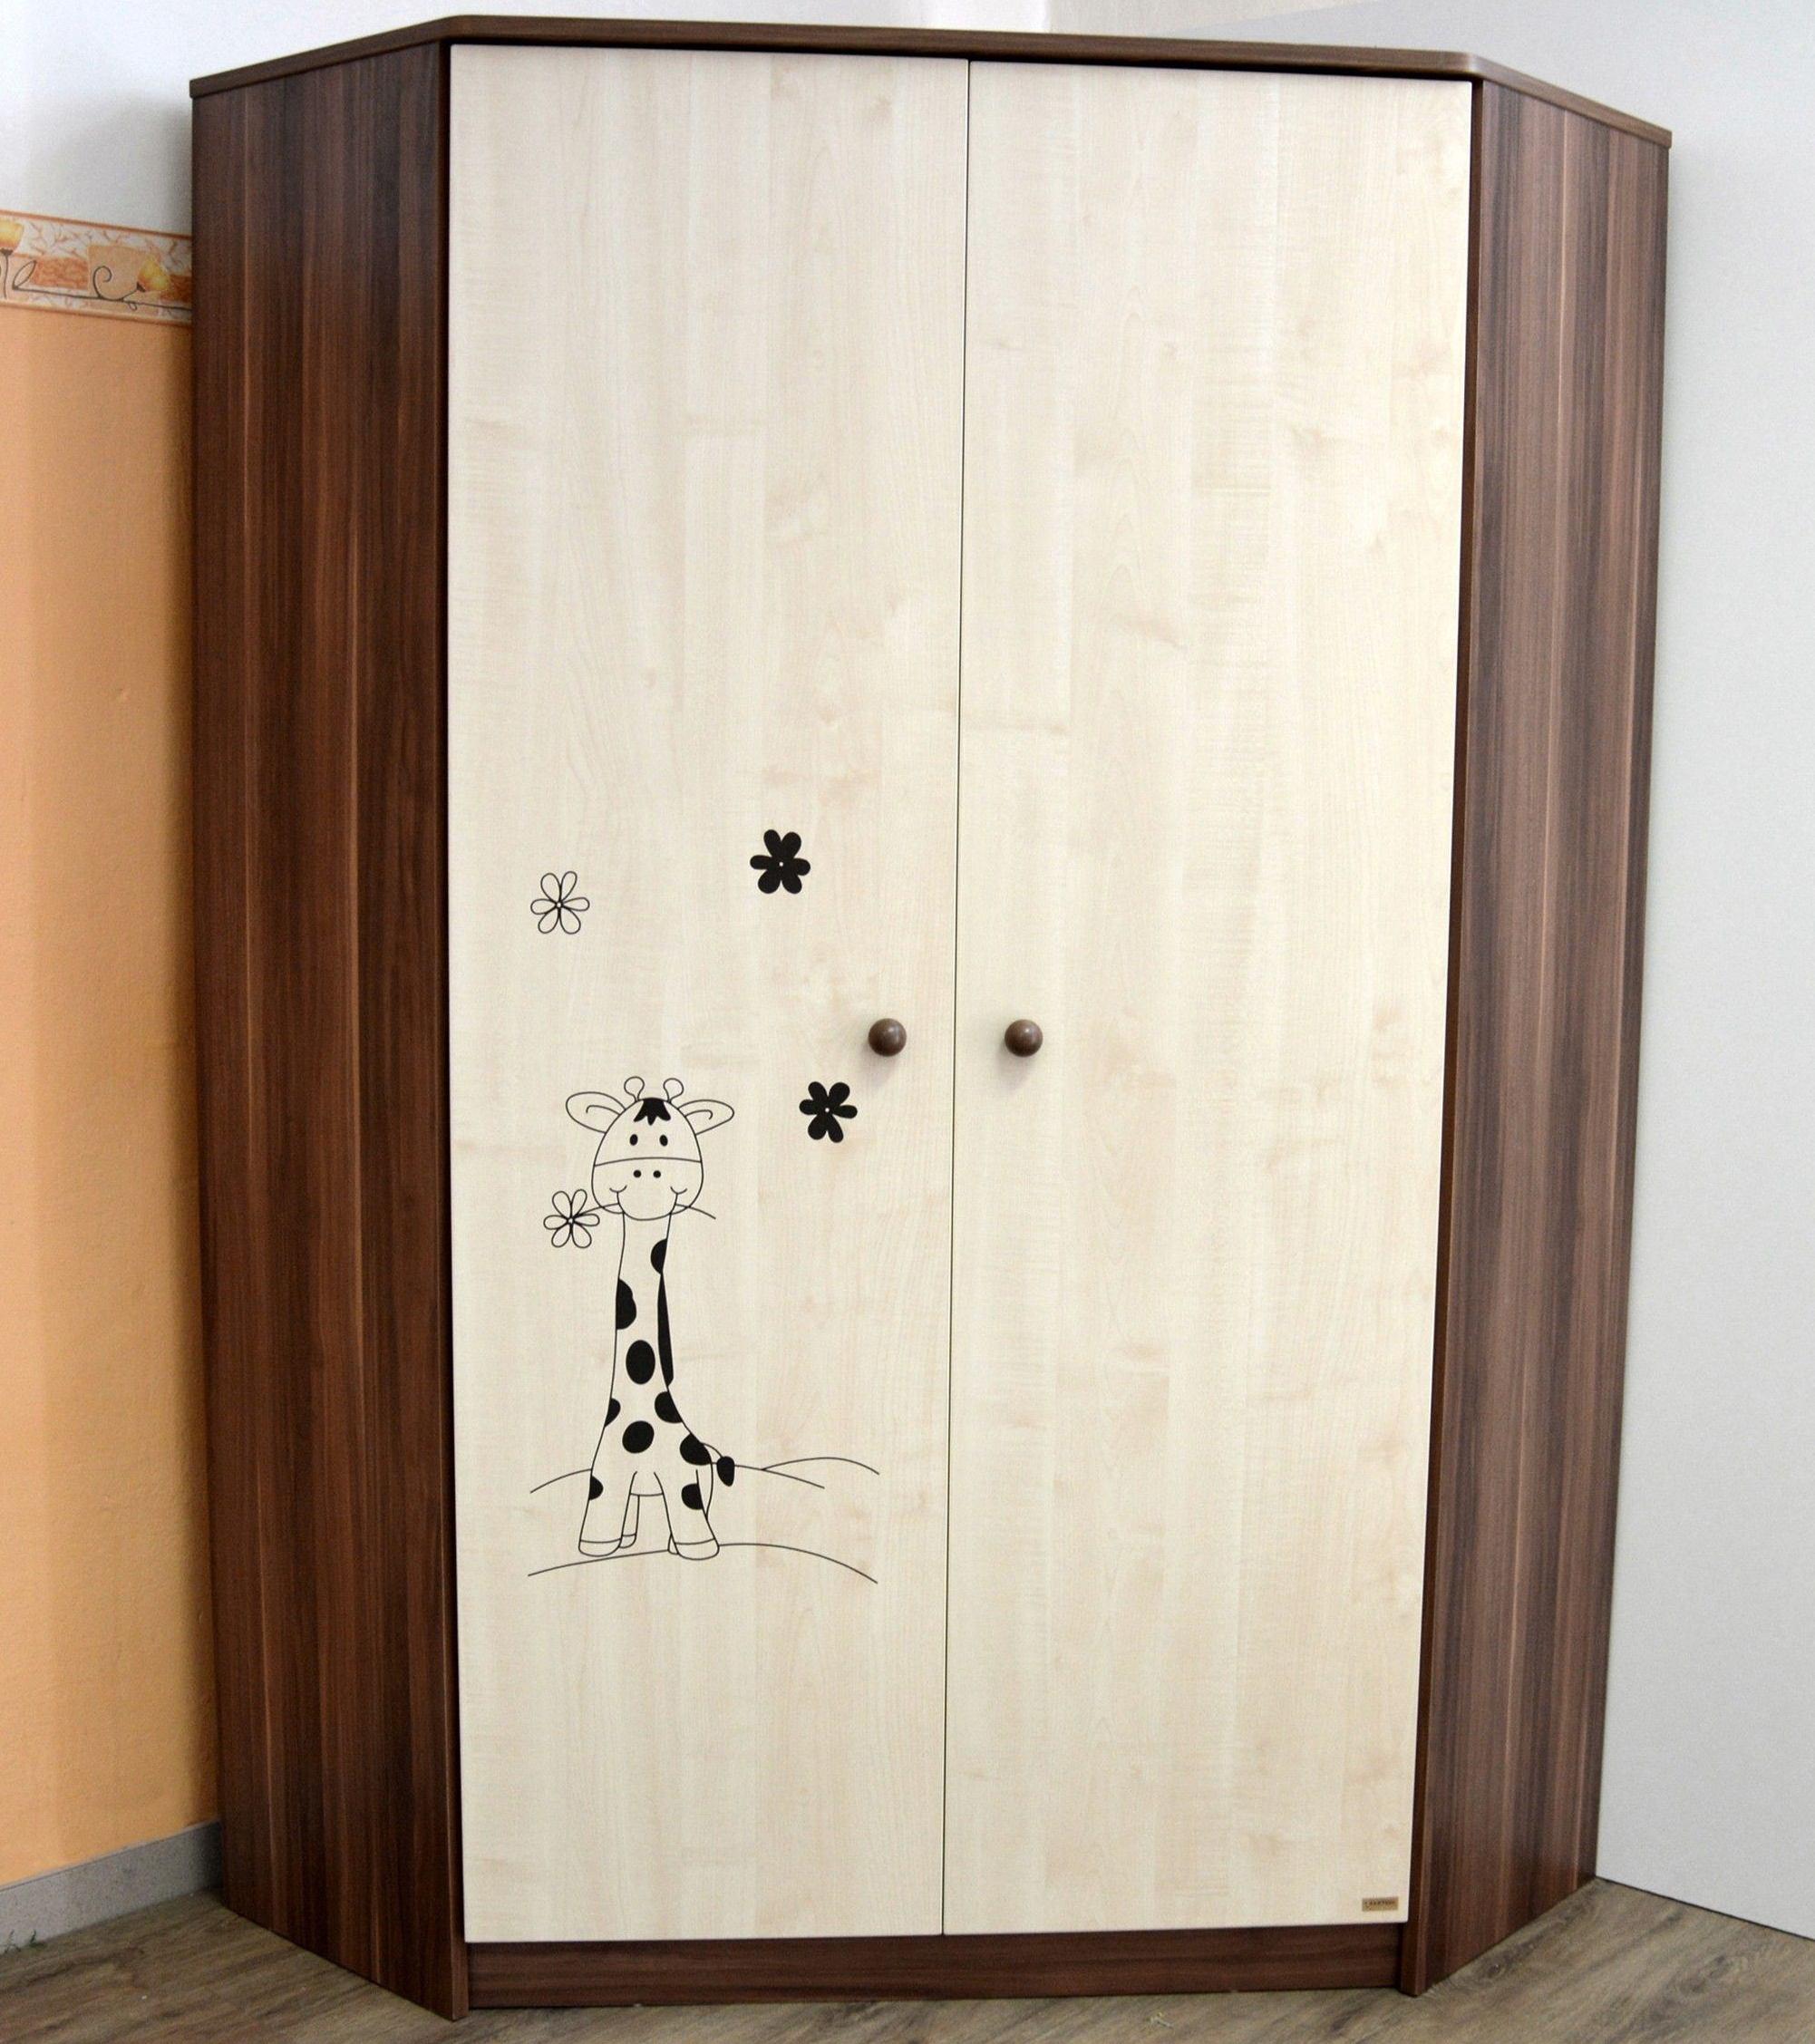 Rohová šatní skříň Faktum MAKAÓ motiv Žirafa